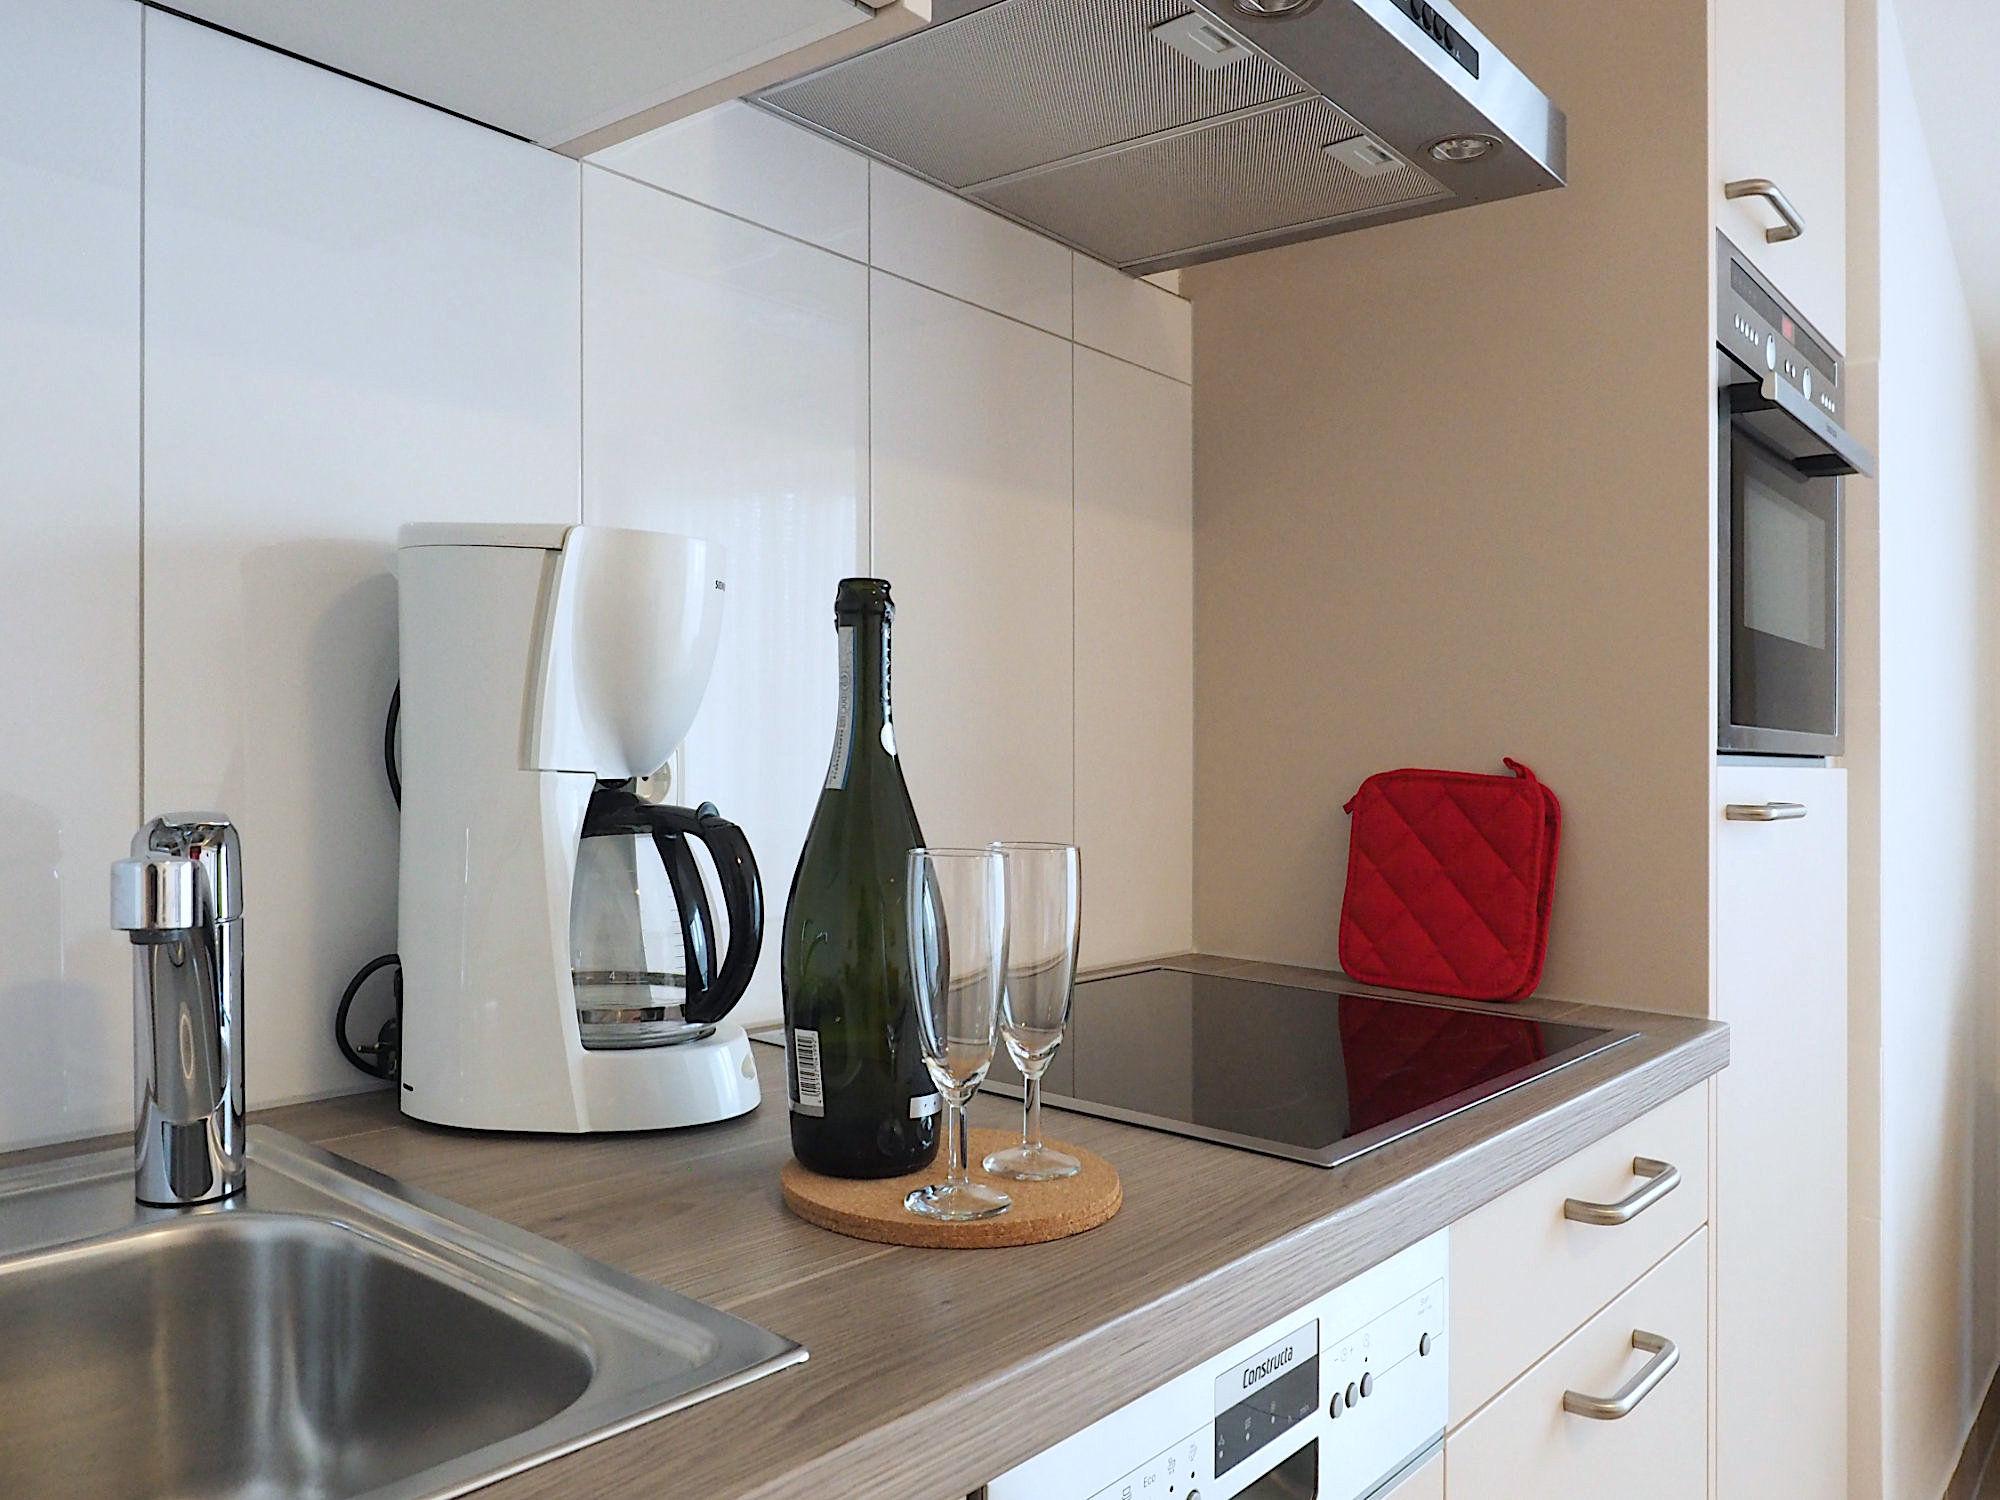 Moderne Küchenzeile mit elektrischen Geräten und Deko